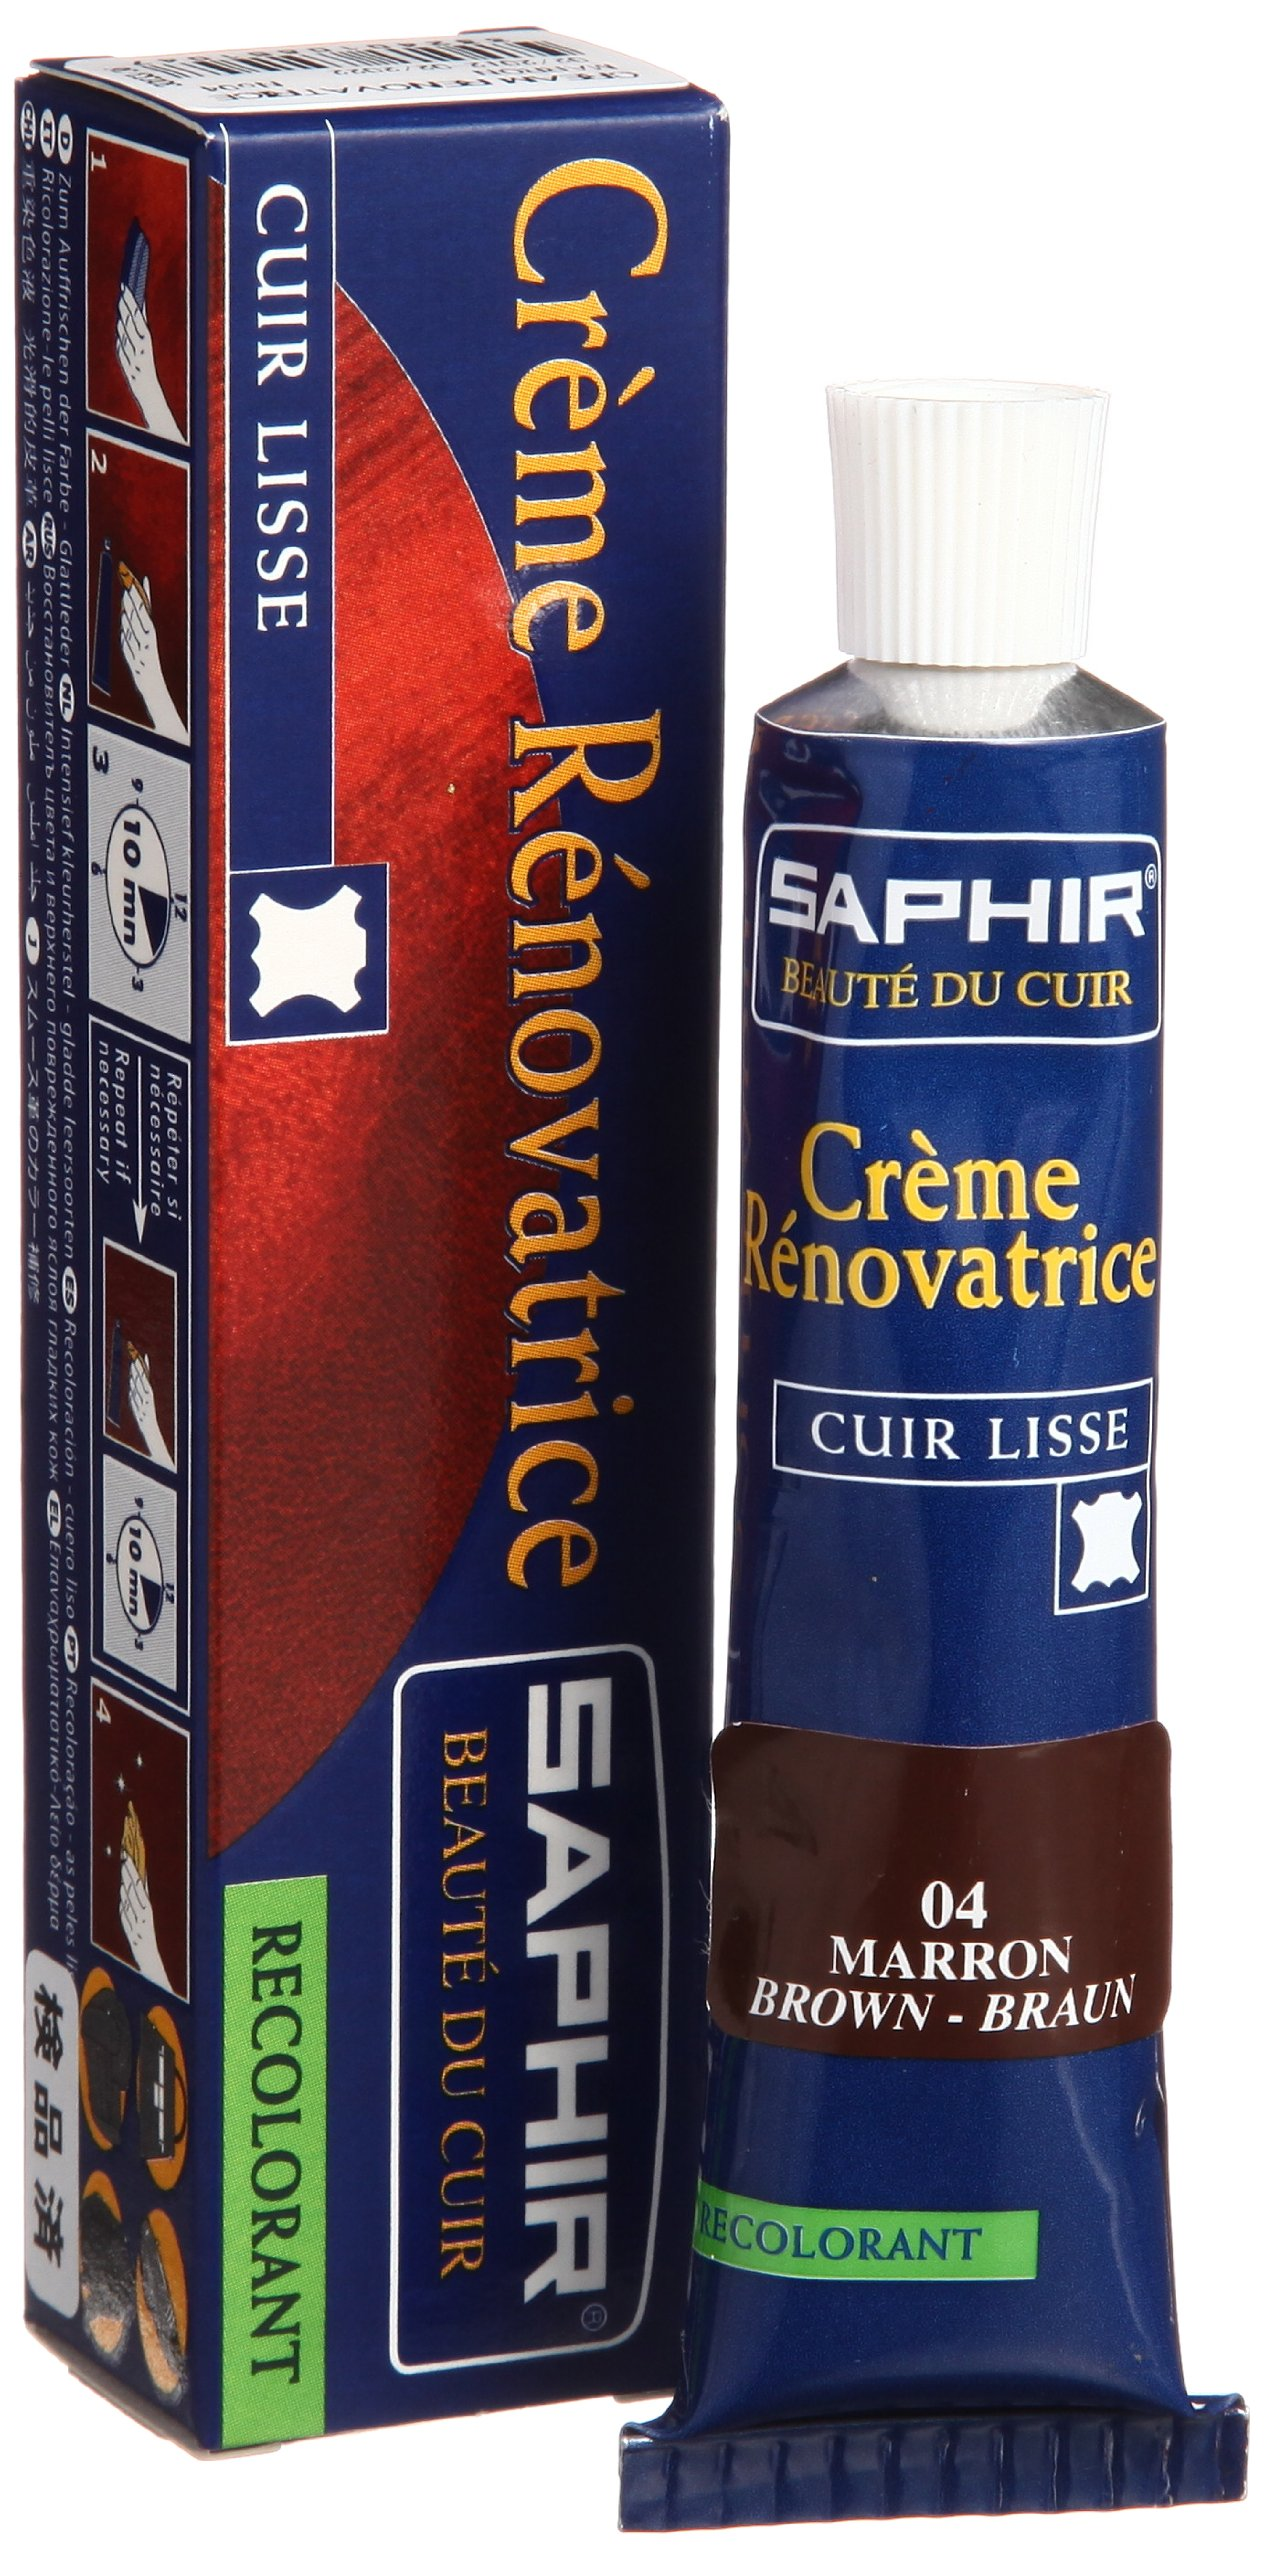 Saphir Renovating Cream - Tube - 25 Ml. (Brown)